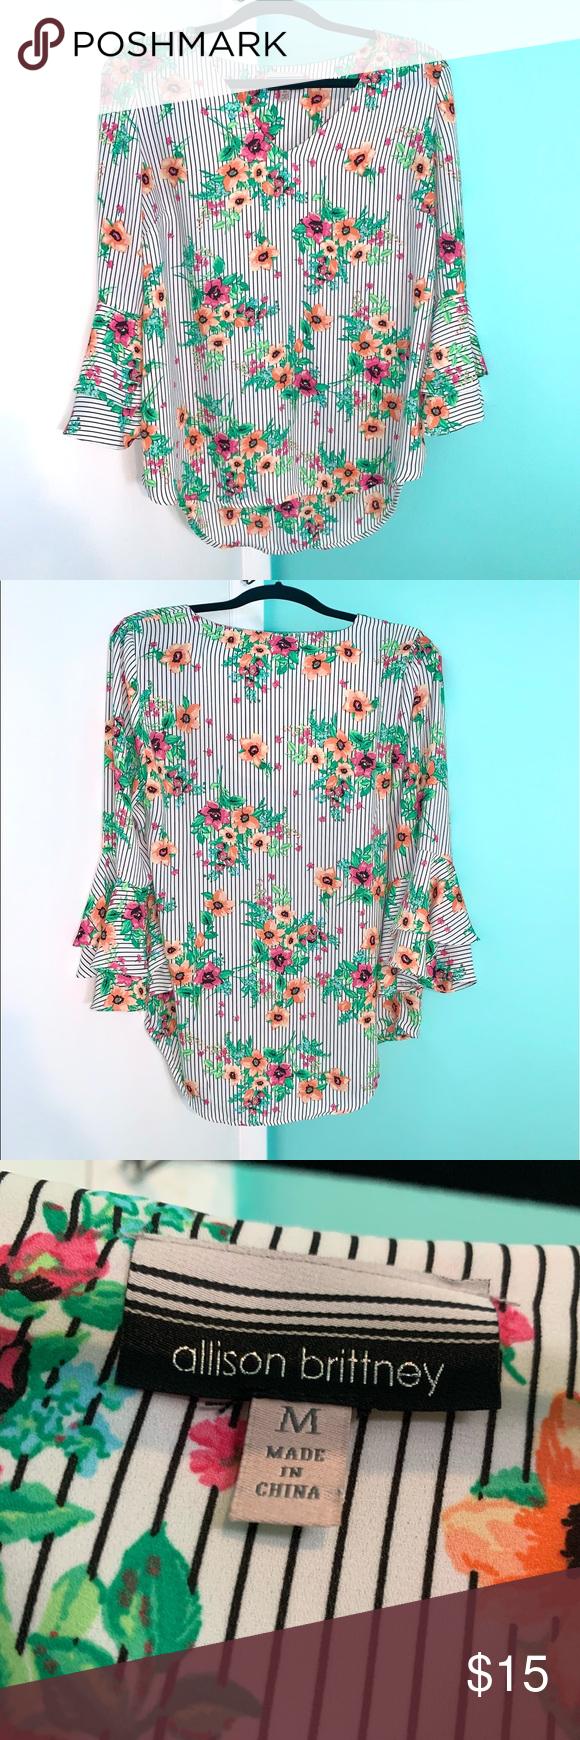 Floral striped blouse Floral striped blouse with ruffled sleeves Allison Brittney Tops Blouses #myposhpicks